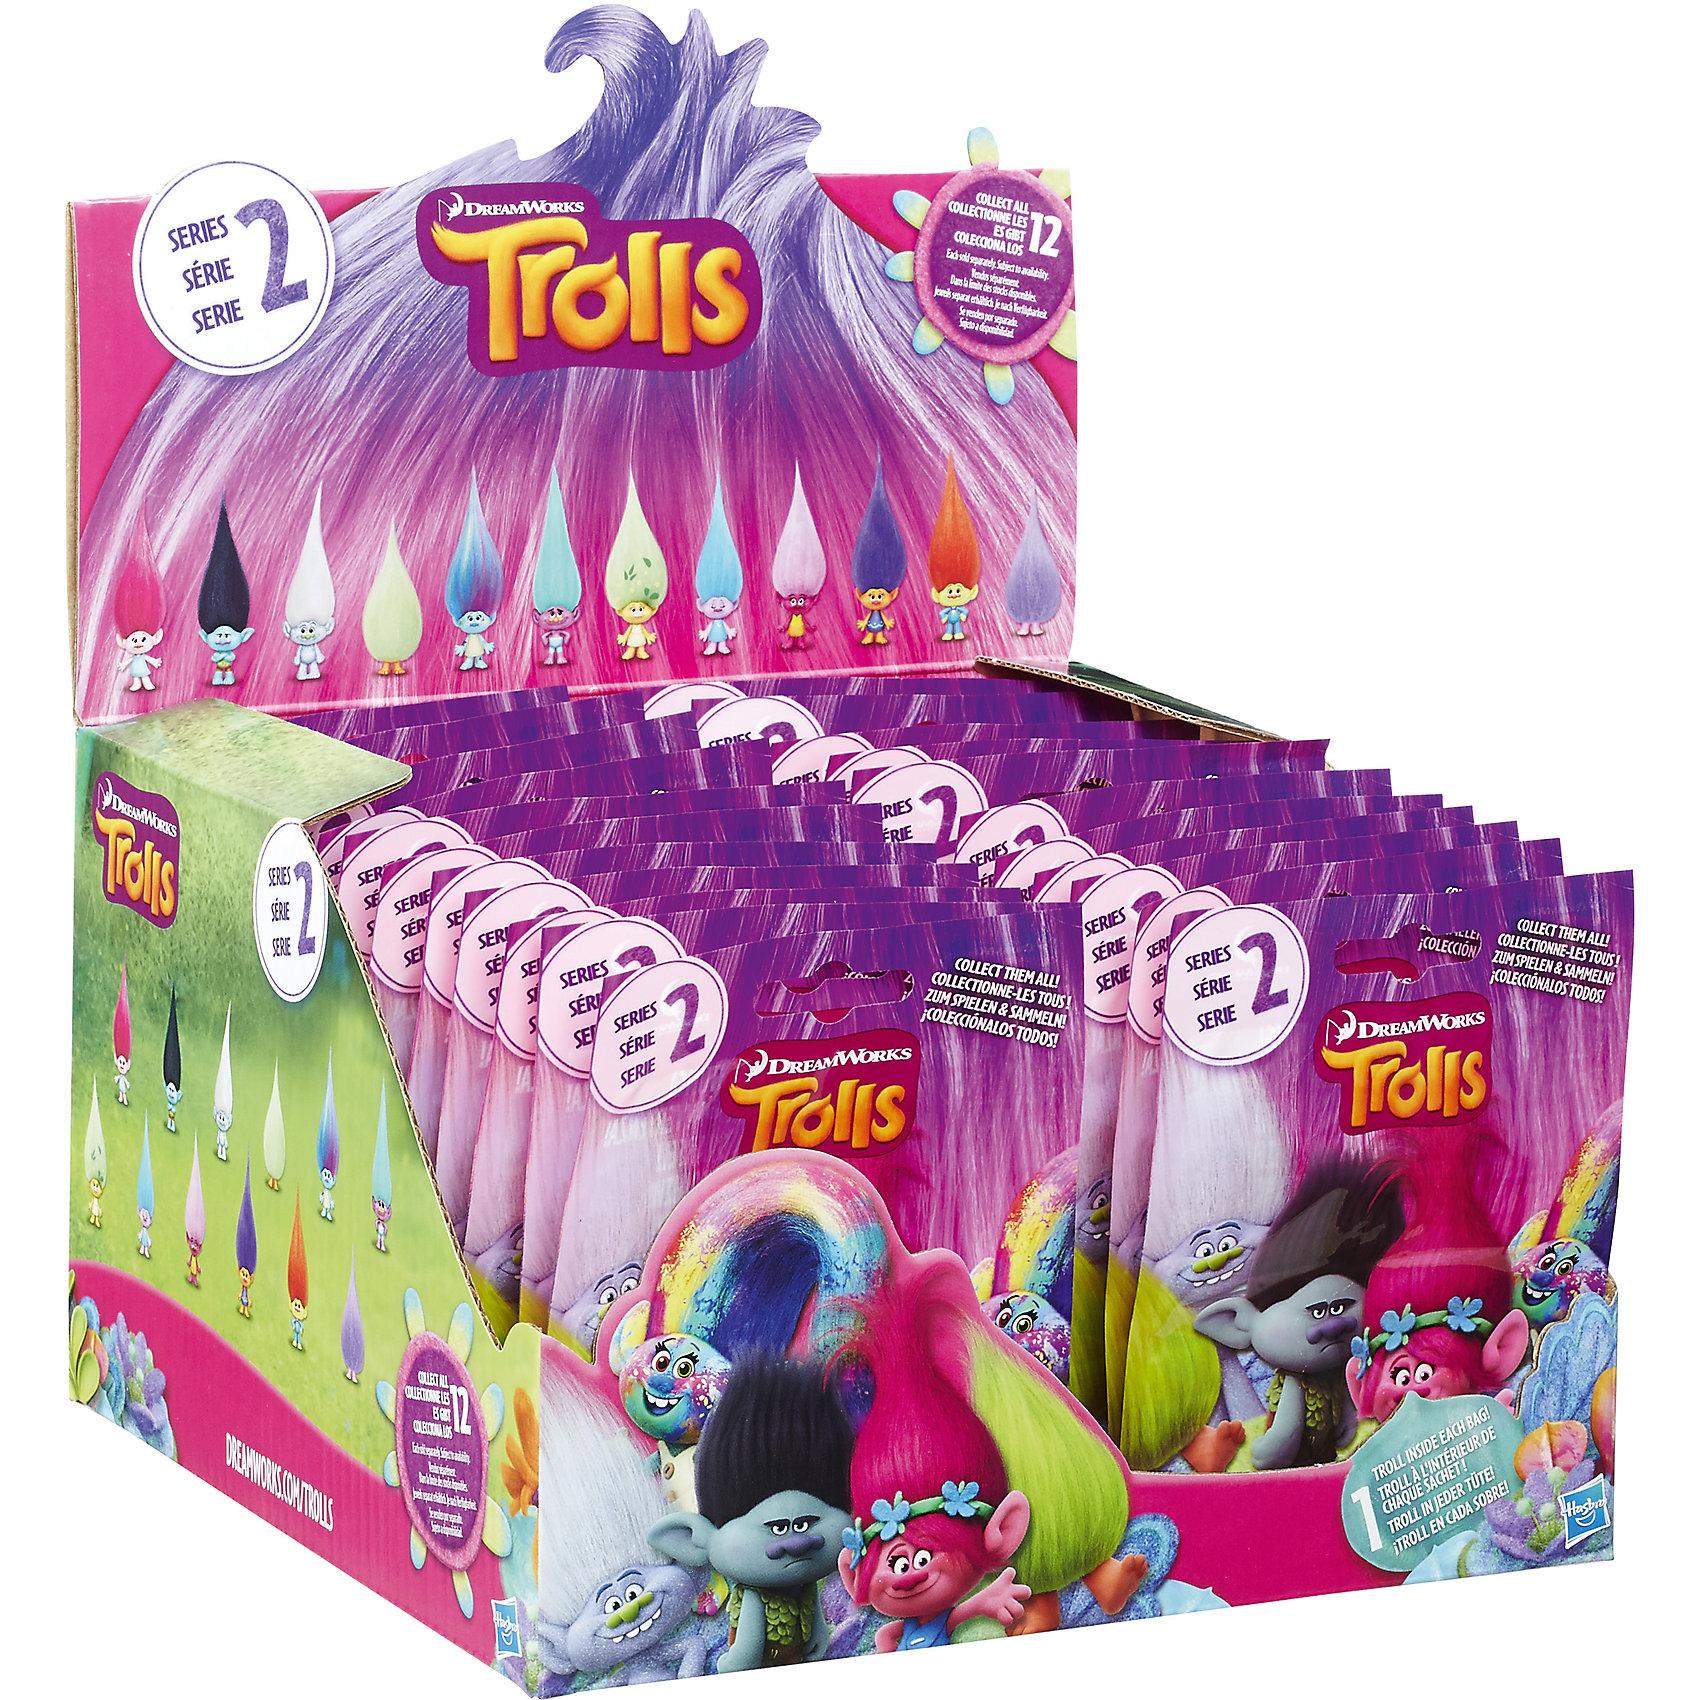 Фигурка Тролля в закрытой упаковке, ТроллиТролли Игрушки<br>Фигурка Тролля (Trolls) в закрытой упаковке от Hasbro представляет собой игрушку-сюрприз. Никогда не знаешь заранее, какой именно персонаж попадется в очередном фольгированном пакетике! У мини-фигурок разный дизайн, однако одна характерная особенность их все-таки объединяет. Речь идет о реалистичных волосах, которые ребенок сможет расчесывать, создавая для своих игрушек абсолютно новые и оригинальные прически.<br>Несмотря на свой малый размер, минифигурки троллей(Trolls) маркиHasbro неплохо детализированы. Пусть они и не могут похвастать подвижными ручками или ножками, зато позы, в которых застыли маленькие тролли, весьма эффектны. Изготовлены игрушки из высококачественного пластика.<br>Внимание!Игрушки представлены в ассортименте, цена указана за 1 пакетик с 1 фигуркой внутри. Без возможности выбора (игрушка-сюрприз). Всего в коллекции 12 фигурок разных персонажей<br><br>Ширина мм: 70<br>Глубина мм: 120<br>Высота мм: 120<br>Вес г: 30<br>Возраст от месяцев: 48<br>Возраст до месяцев: 192<br>Пол: Унисекс<br>Возраст: Детский<br>SKU: 5137213